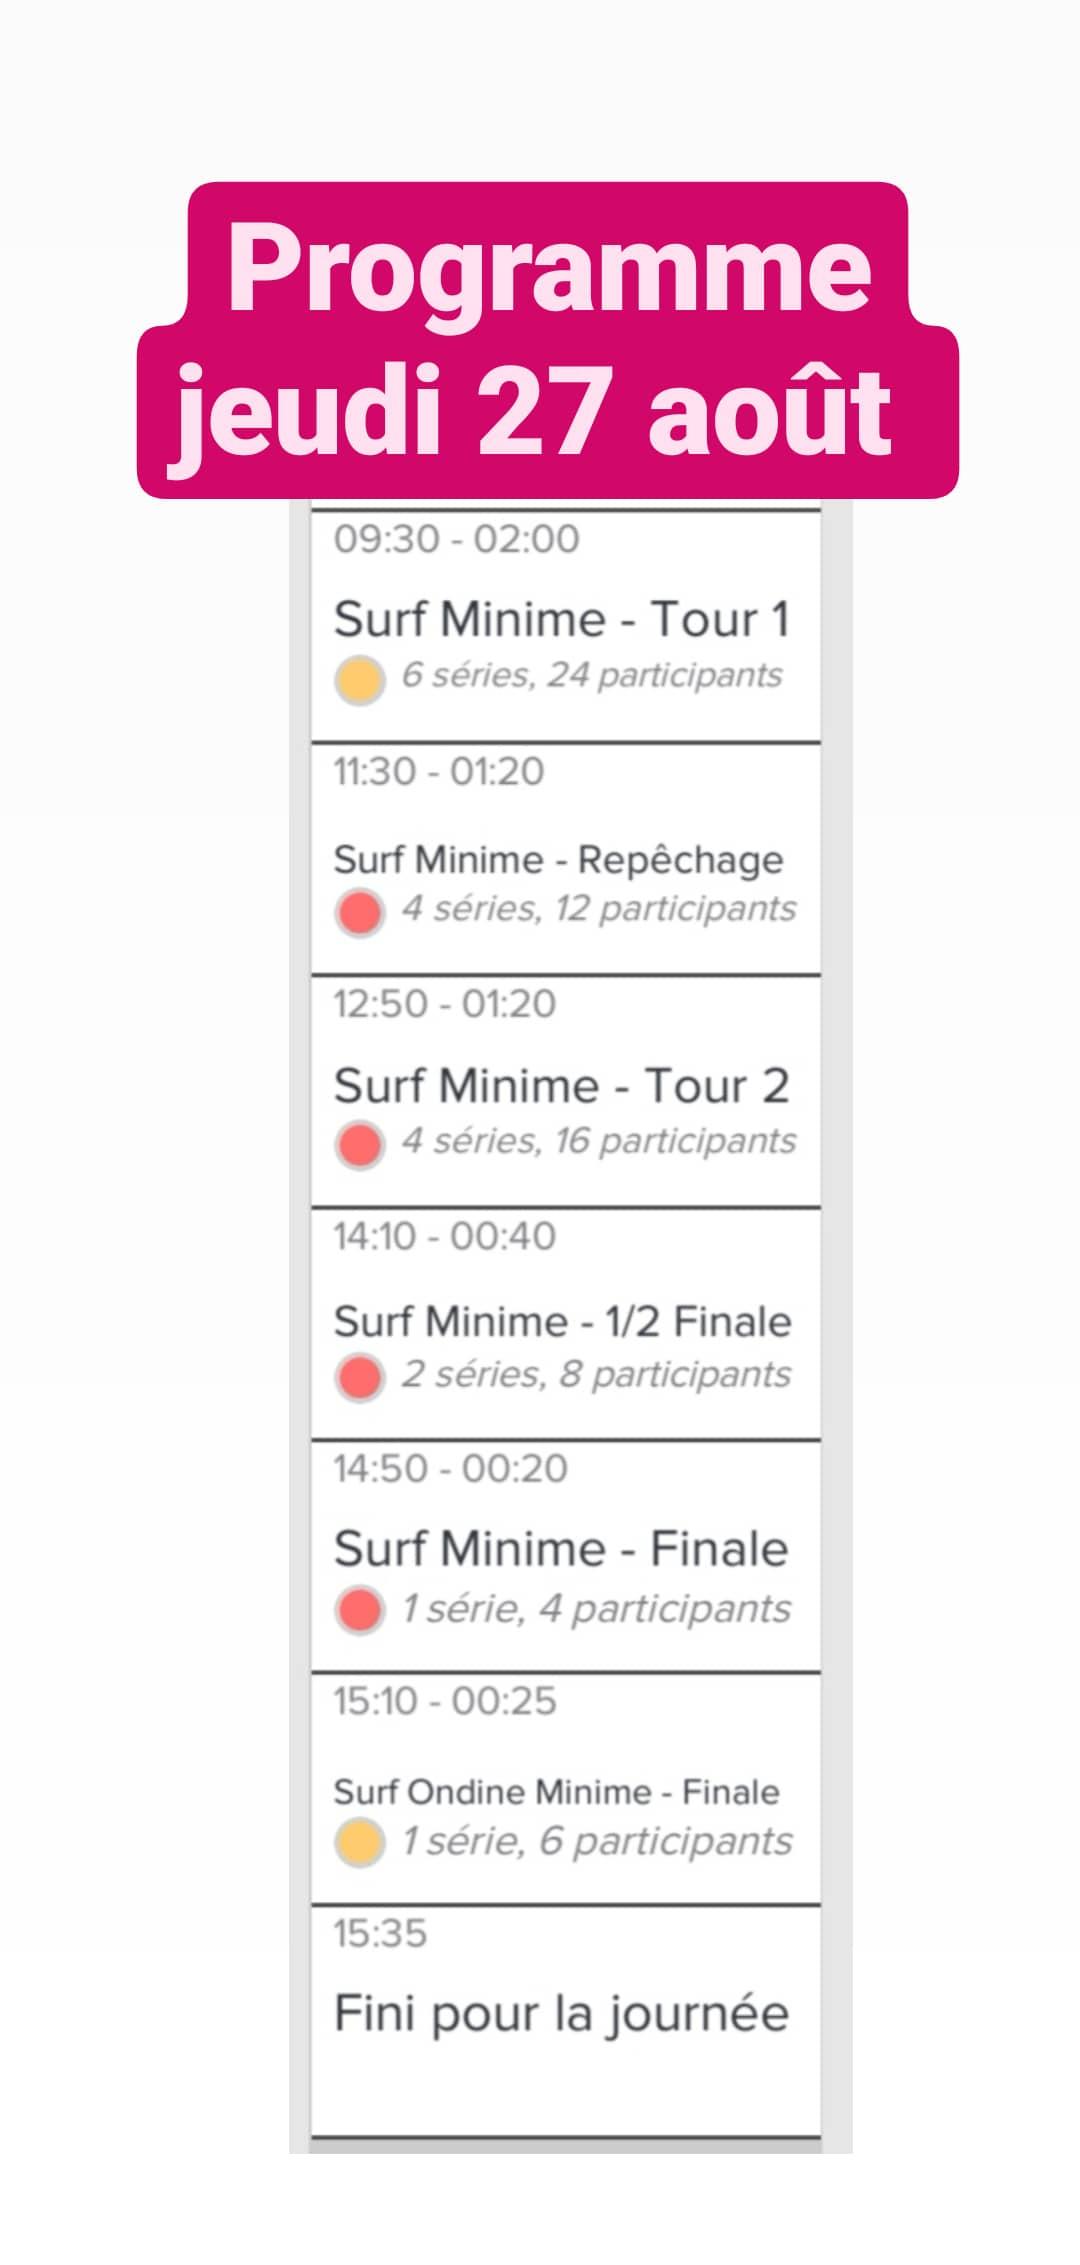 https://www.ligue-bretagne-surf.bzh/wp-content/uploads/2020/08/IMG_20200824_164716_736.jpg